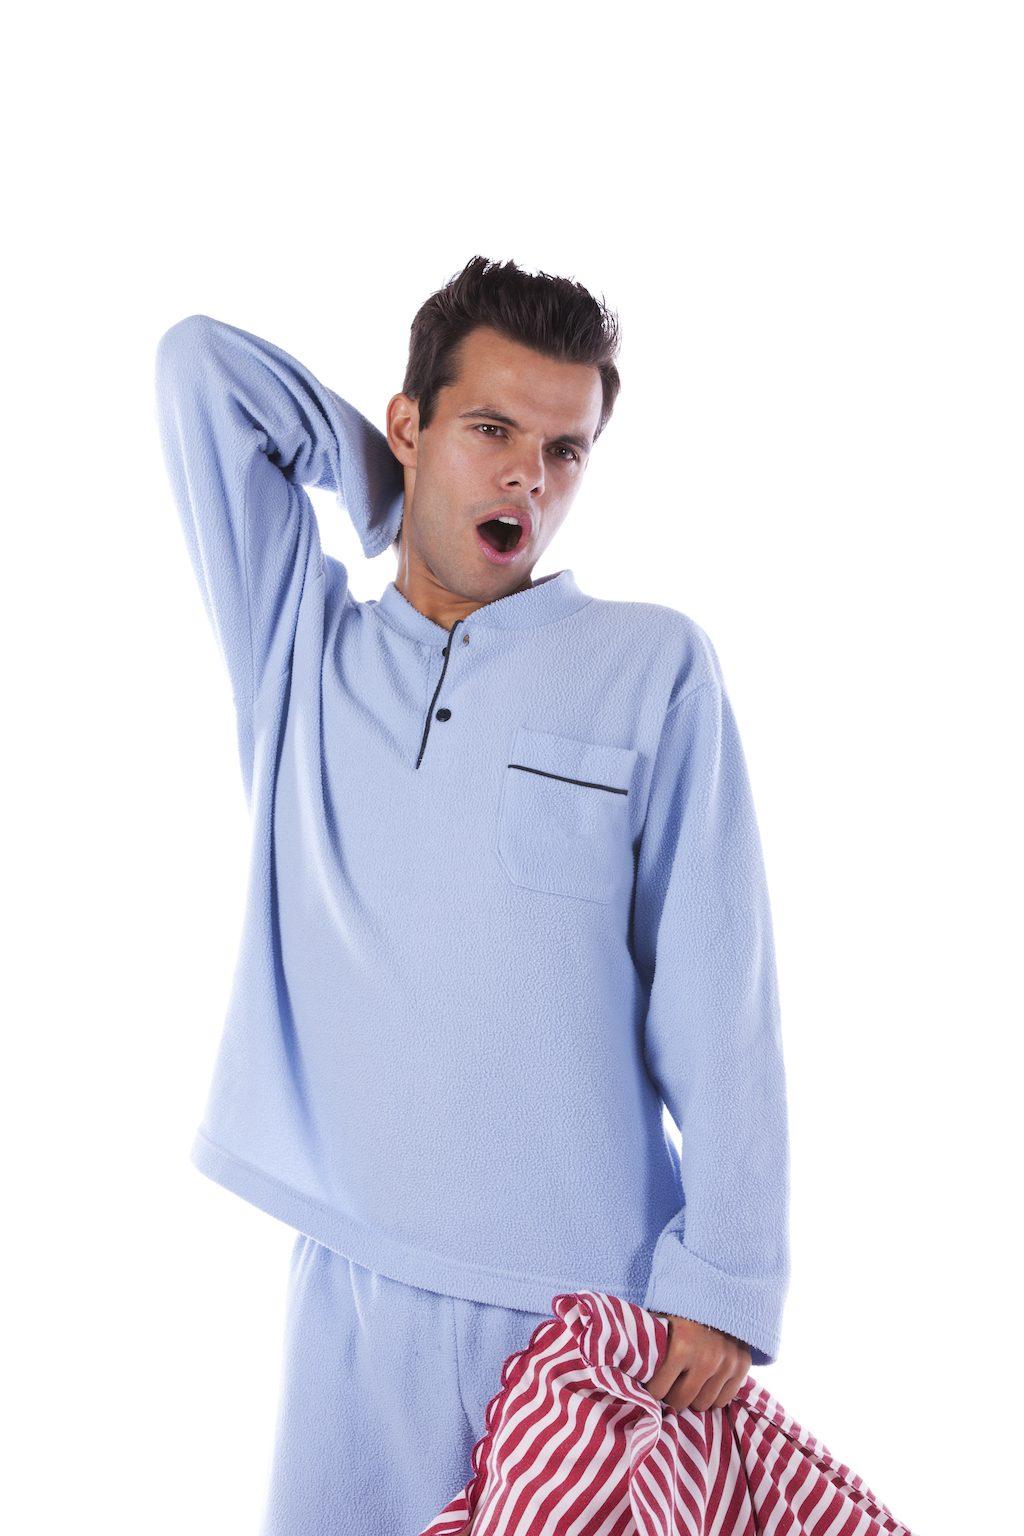 """meilleurs conseils pour bien s'habiller dans la quarantaine """"width ="""" 1024 """"height ="""" 1536 """"srcset ="""" https://i1.wp.com/bestlifeonline.com/wp-content/uploads/2018/01/pajamas.jpg? w = 1024 & ssl = 1 1024w, https://i1.wp.com/bestlifeonline.com/wp-content/uploads/2018/01/pajamas.jpg?resize=500%2C750&ssl=1 500w, https: // i1. wp.com/bestlifeonline.com/wp-content/uploads/2018/01/pajamas.jpg?resize=768%2C1152&ssl=1 768w """"tailles ="""" (largeur max: 1000px) 100vw, 1000px """"data-recalc-dims = """"1"""